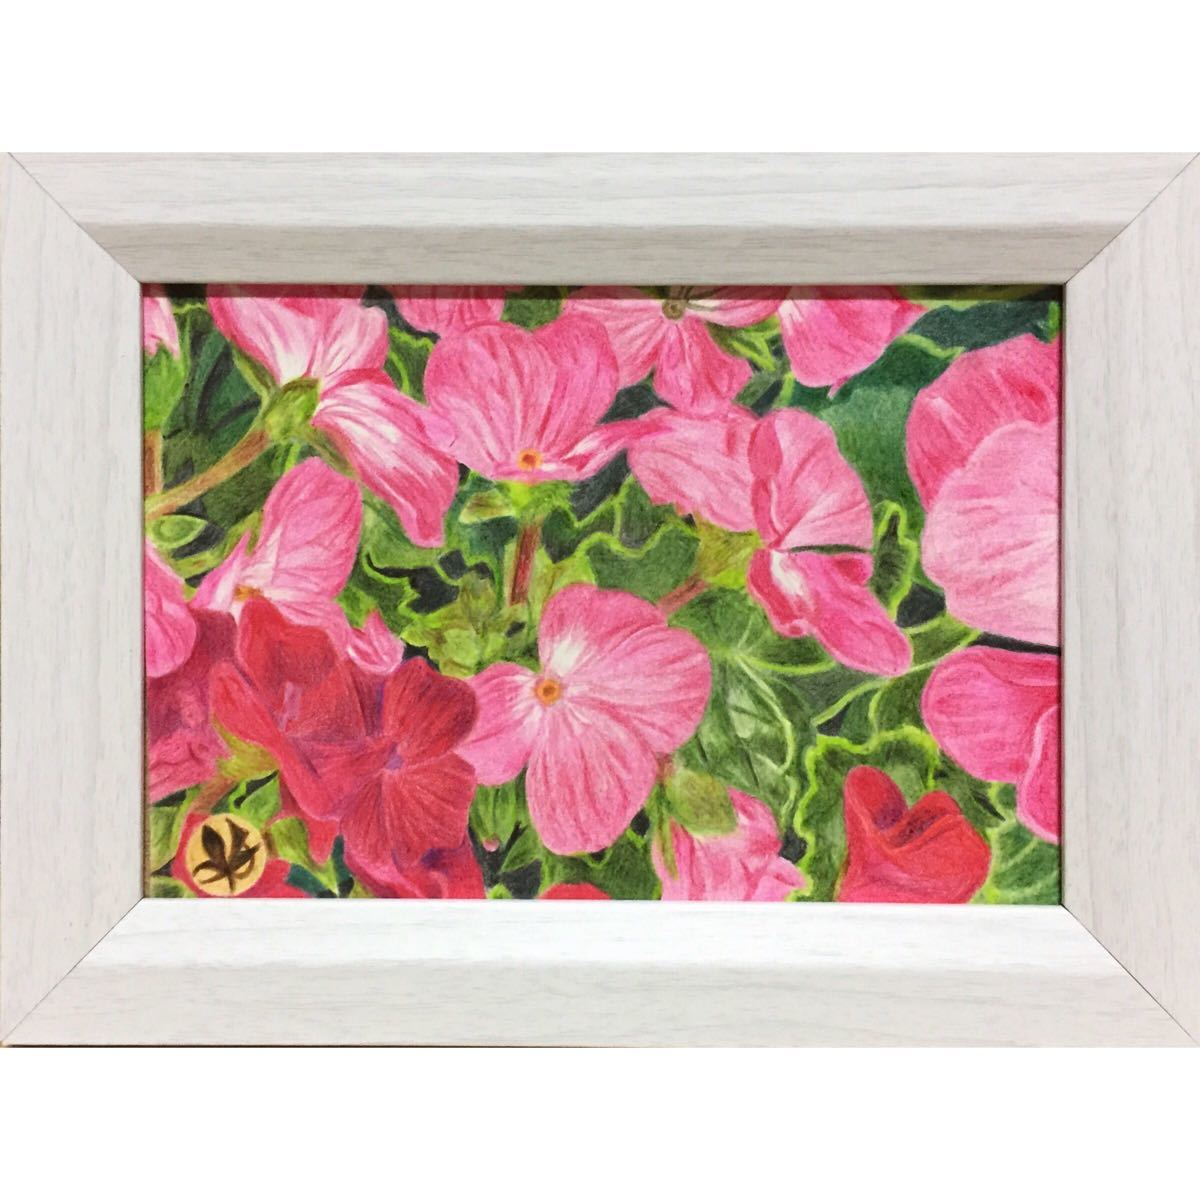 色鉛筆画「 彩《 2 》」ポストカードサイズ・額付き◇◆手描き◇原画◆花・風景画◆yotto_画像2